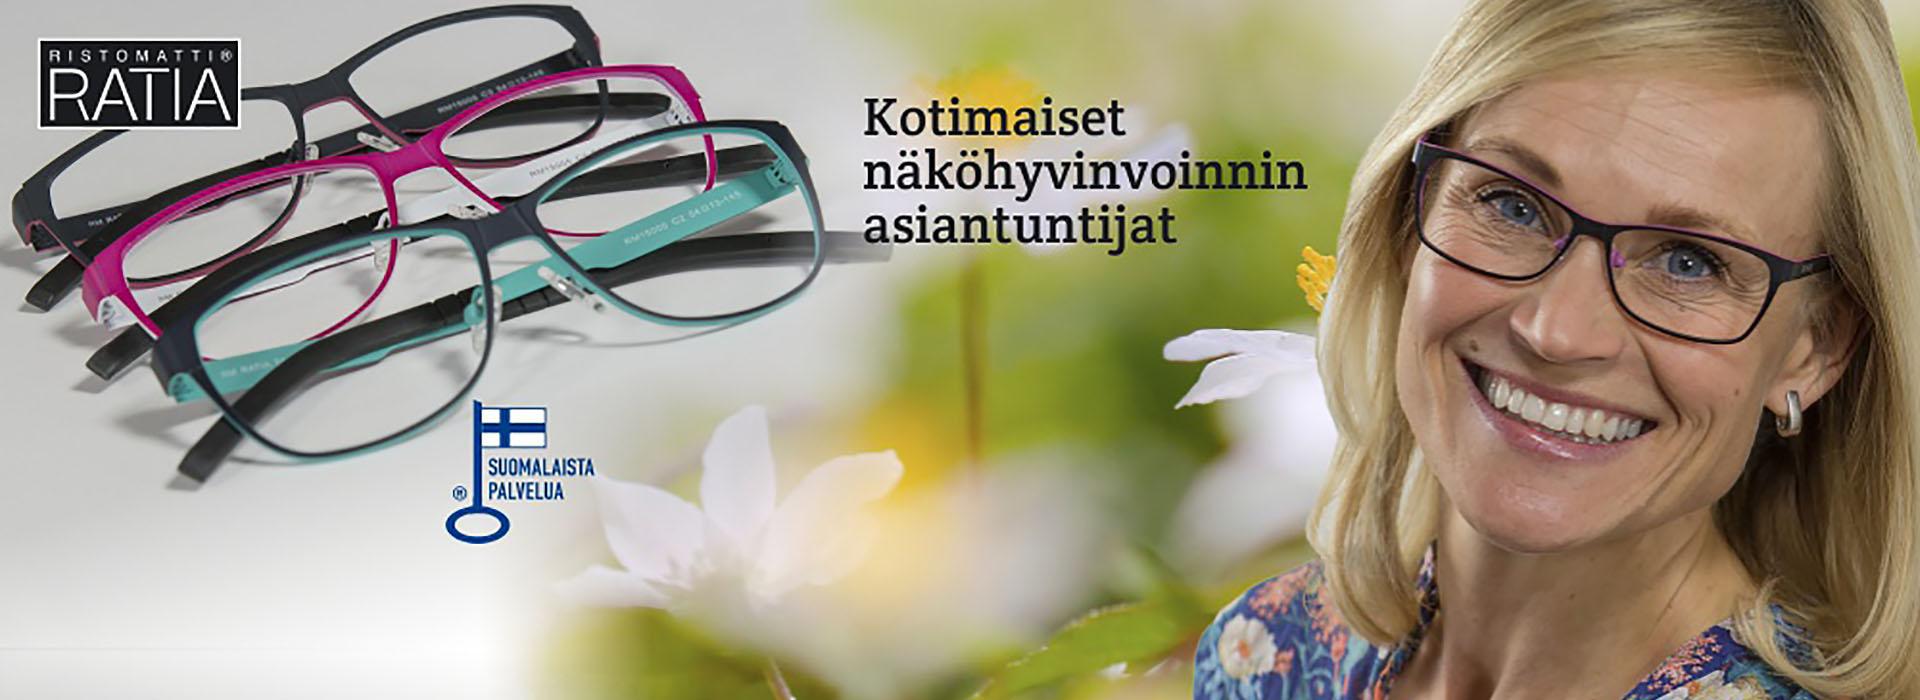 Kotimaiset näköhyvinvoinnin asiantuntijat - Kangasala | Kopinkulman Optiikka Oy